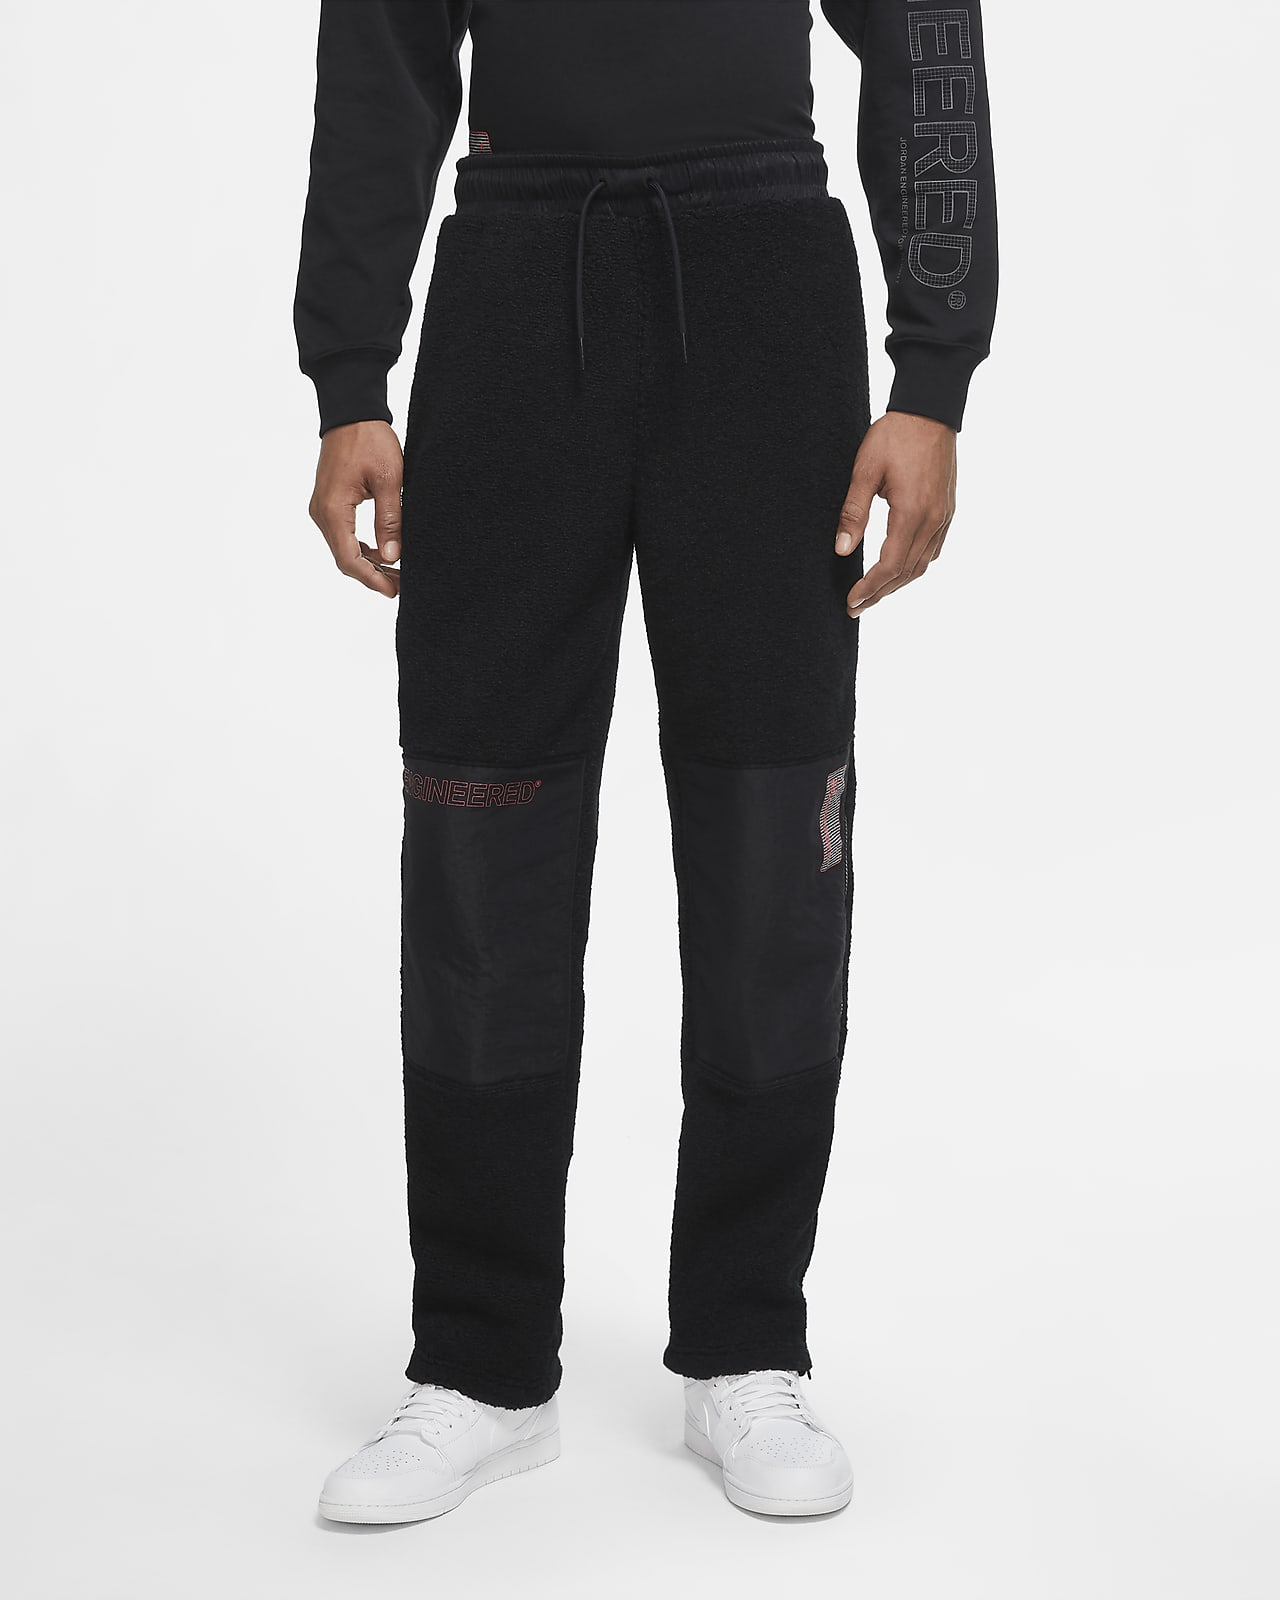 Jordan 23 Engineered Men's Zipped Fleece Trousers